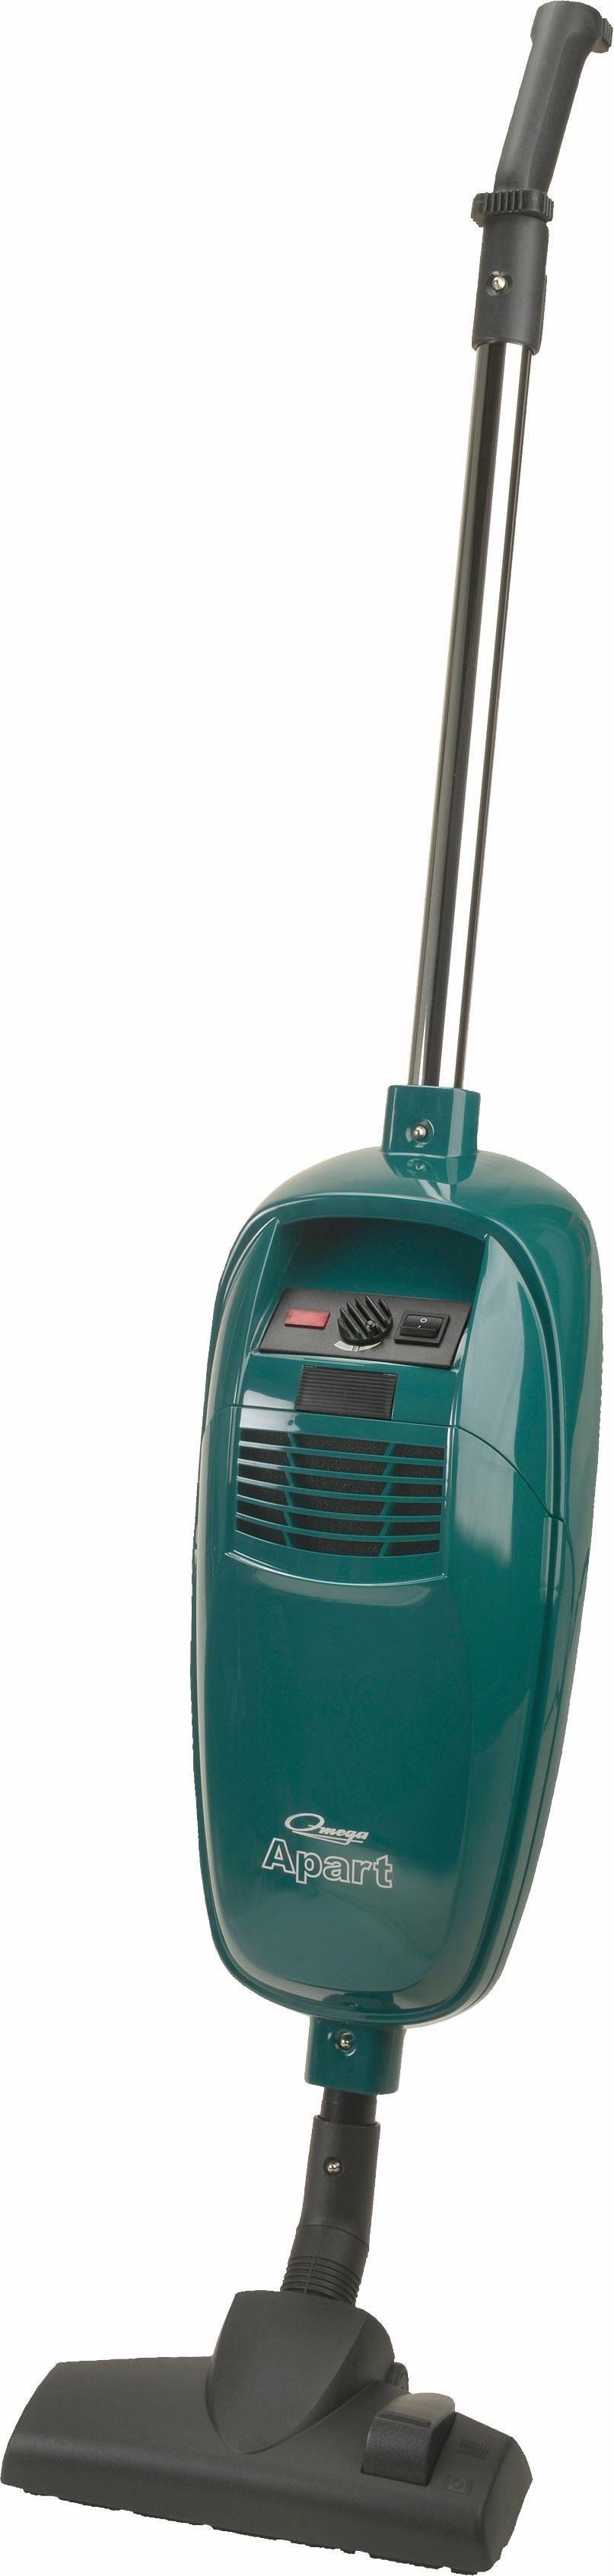 Omega Stielstaubsauger APART Turbo & Parkett, 800 Watt, mit Beutel, Turbo- und Parkettbürste, umschaltbare Bodendüse, Polster- und Fugendüse